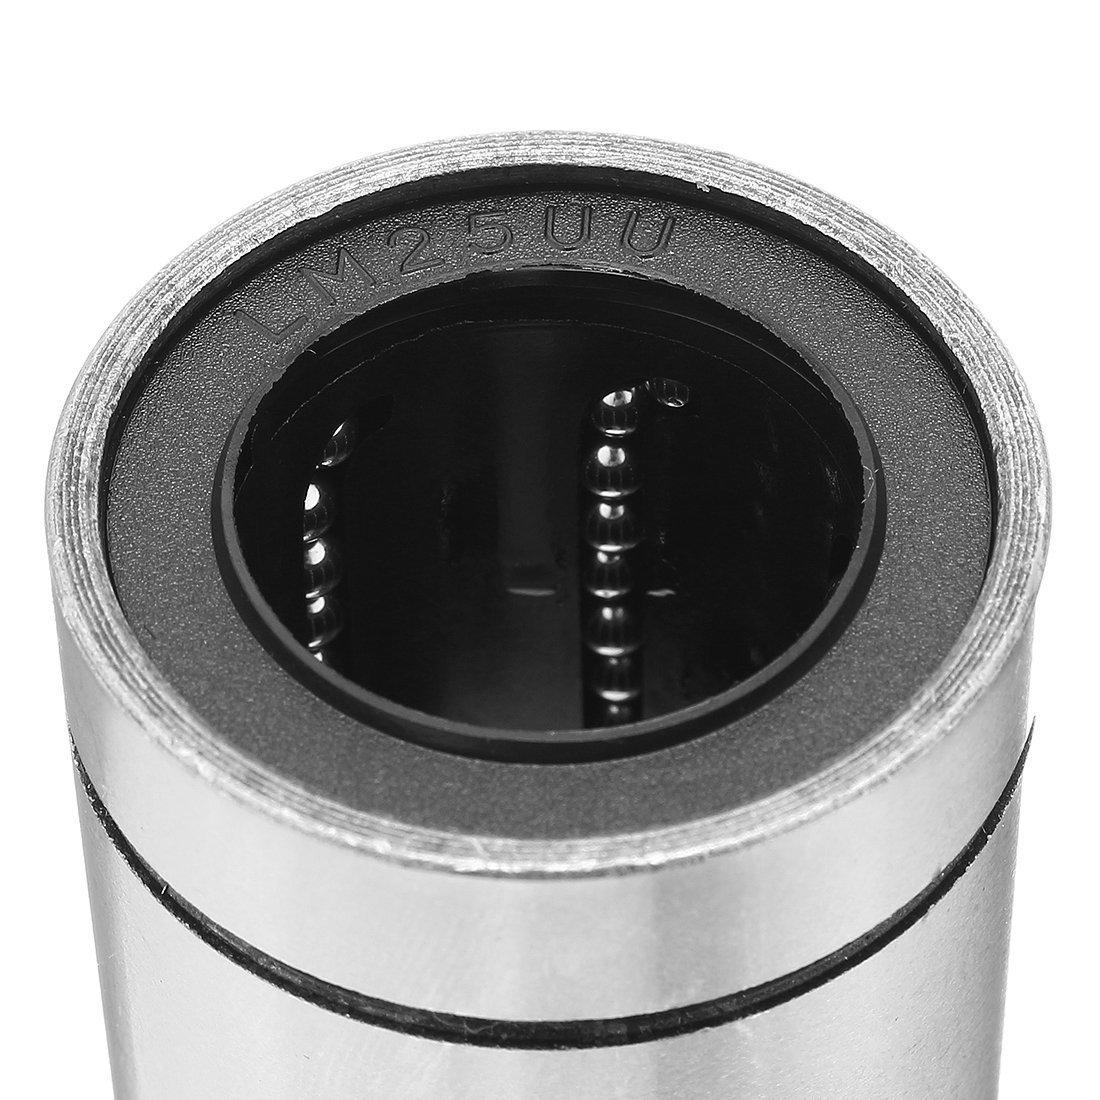 SNOWINSPRING LM25UU 25mm x 40mm x 59mm Doppelseite Gummidichtung Linearbewegung Kugel Lagerbuchse